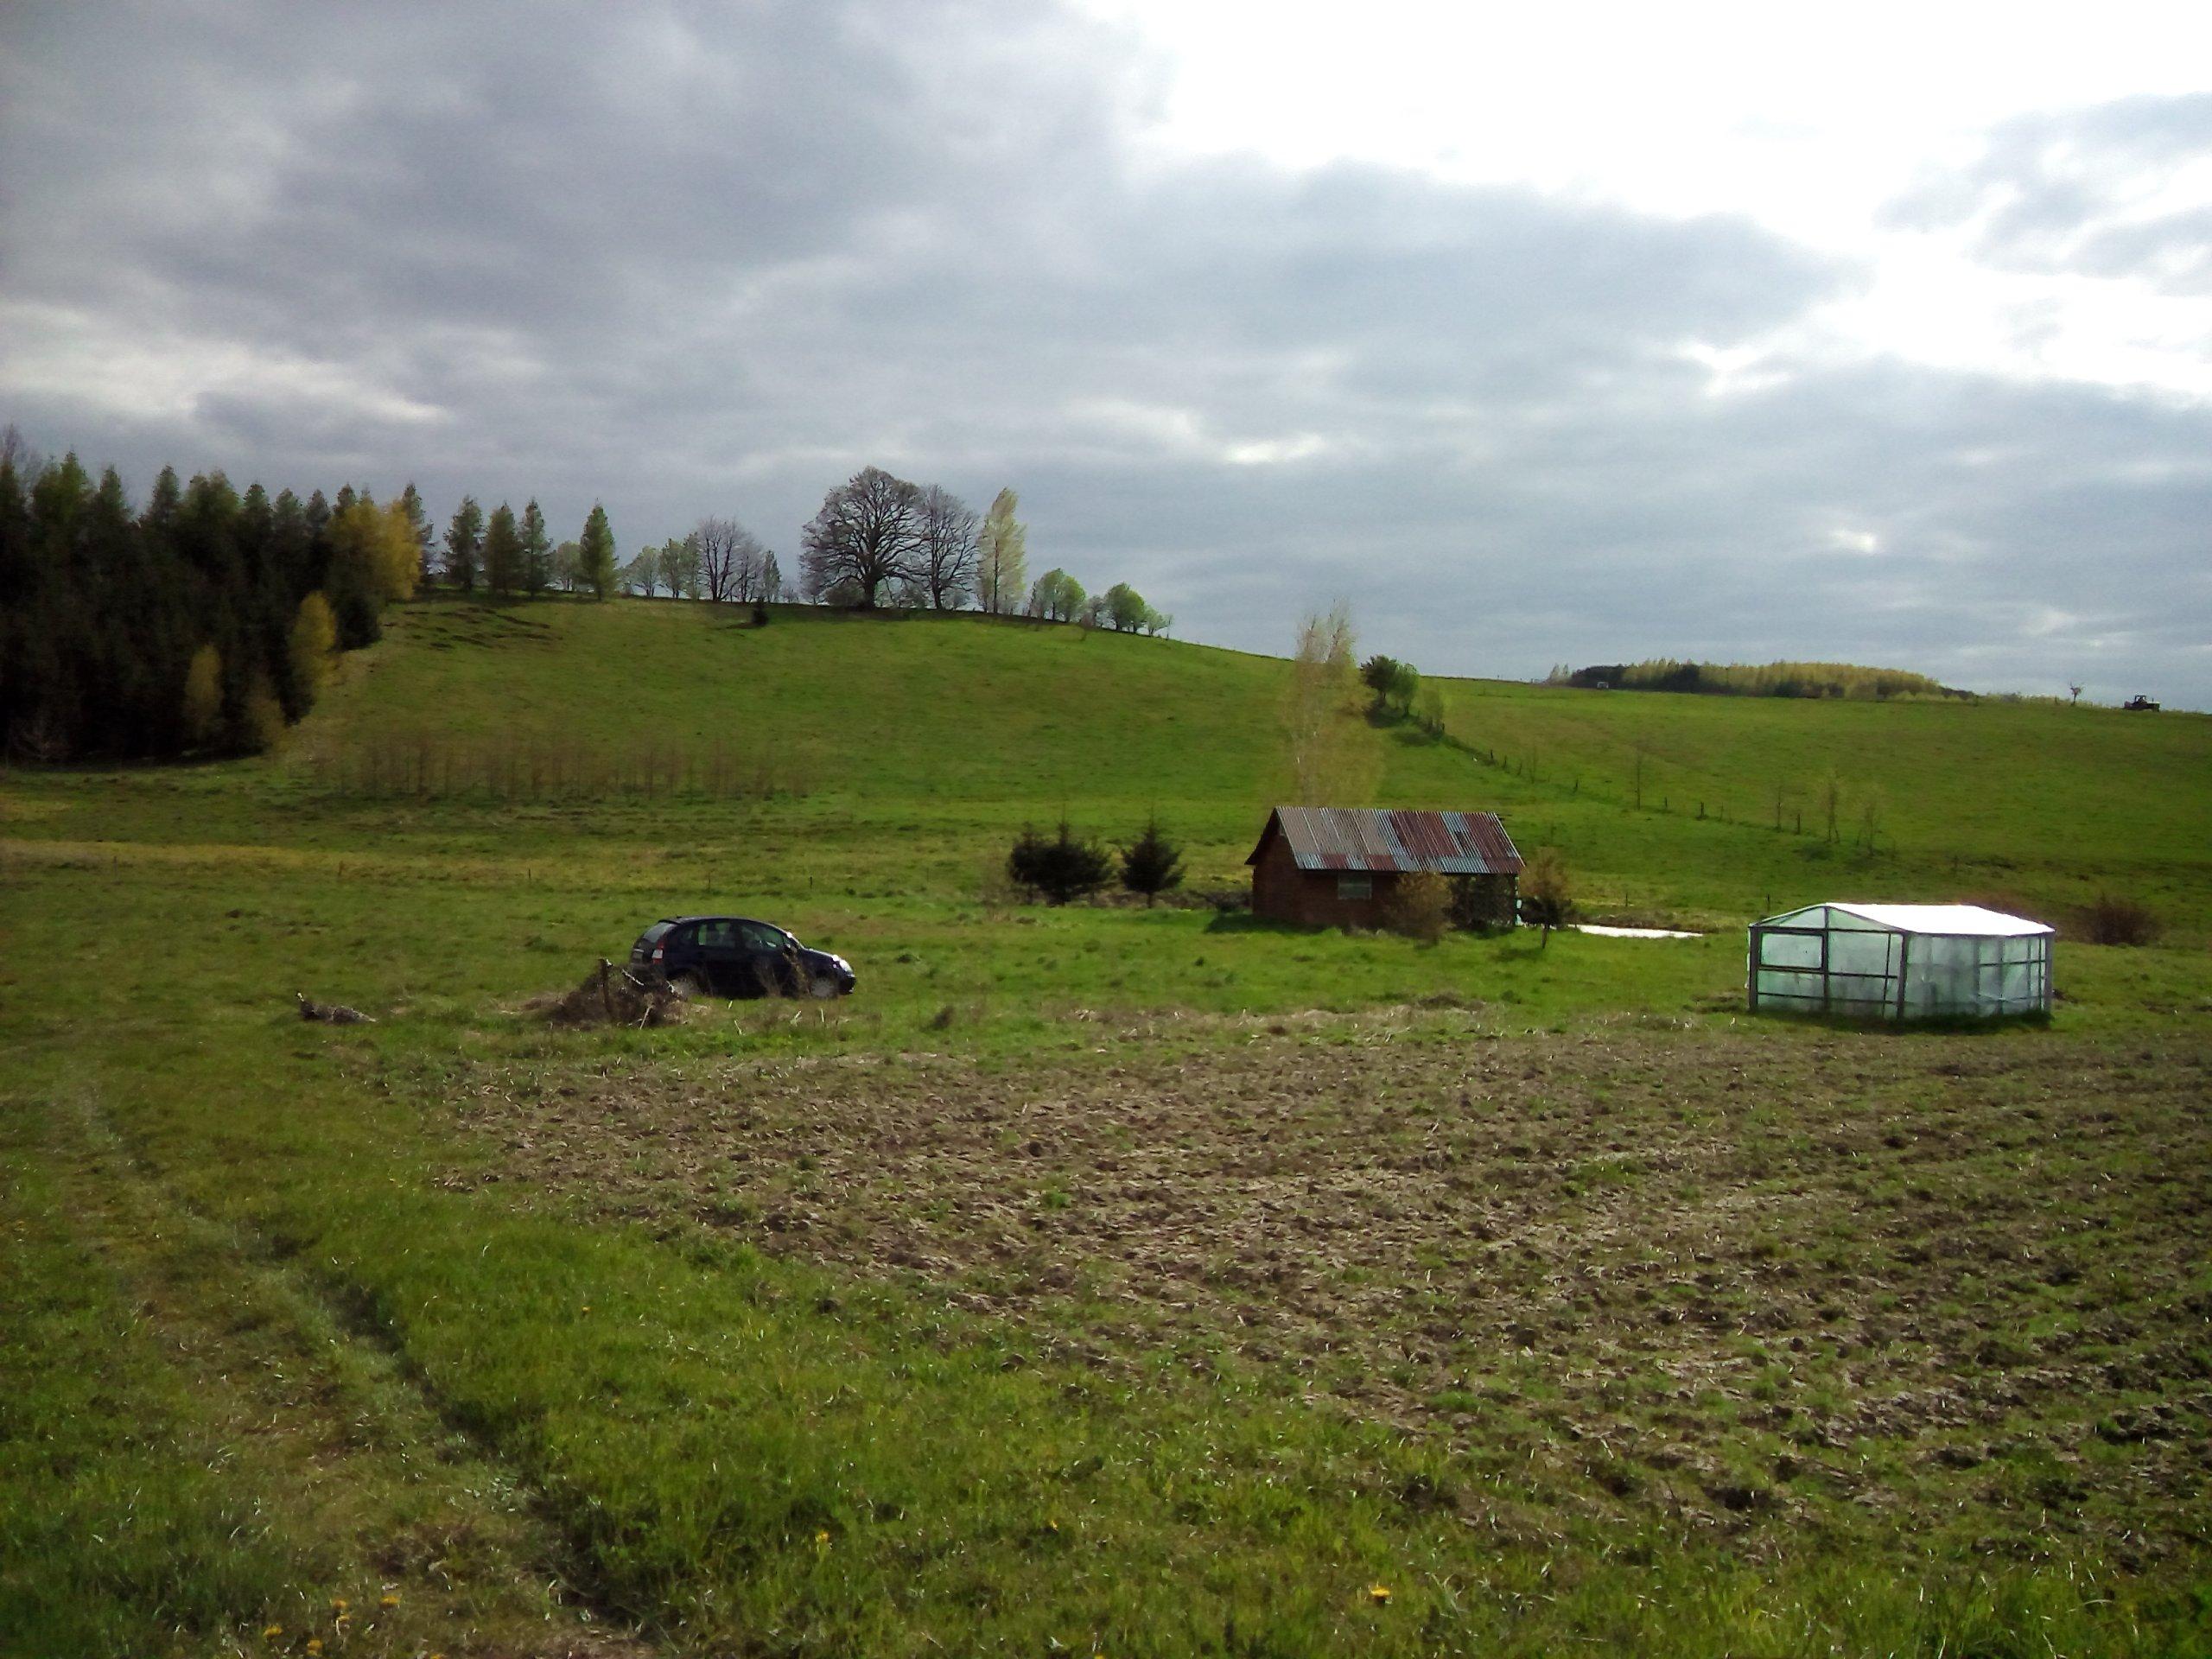 Działka rolna Łabno Lidzbark Warm CENA DO NEGOCJAC